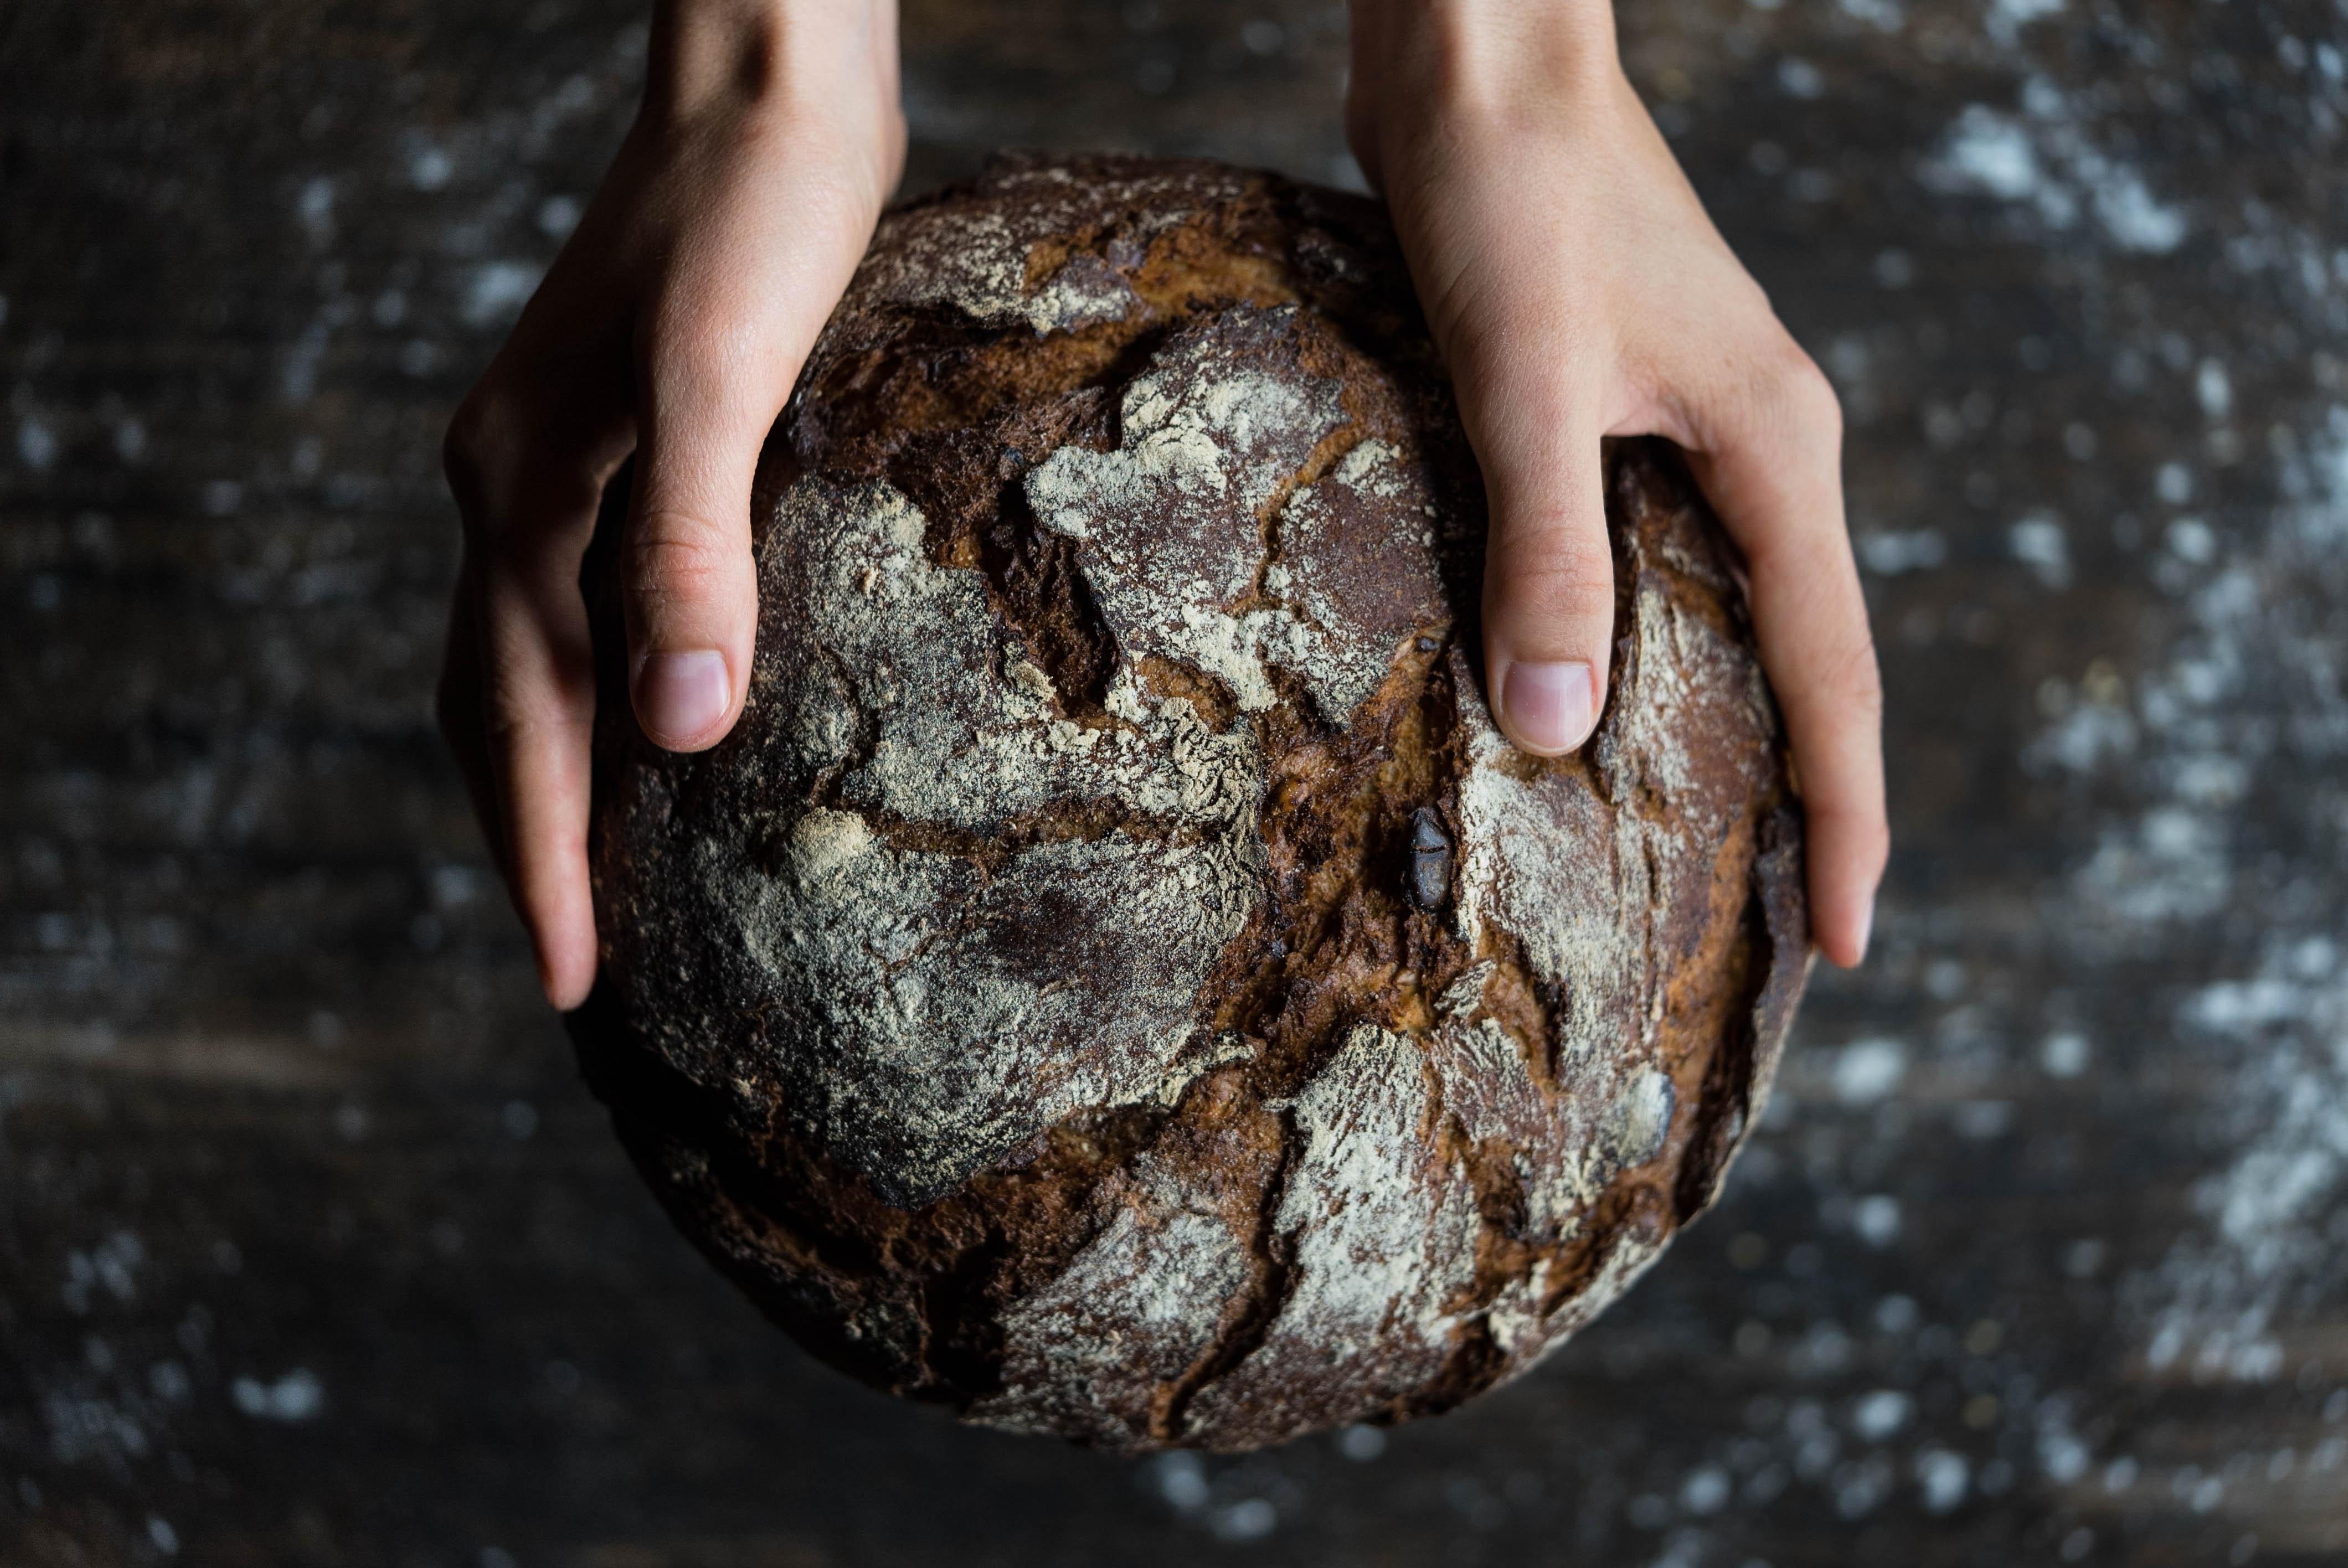 Sie sehen Hände, die ein Brot halten. JUFA Hotels bietet kinderfreundlichen und erlebnisreichen Urlaub für die ganze Familie.